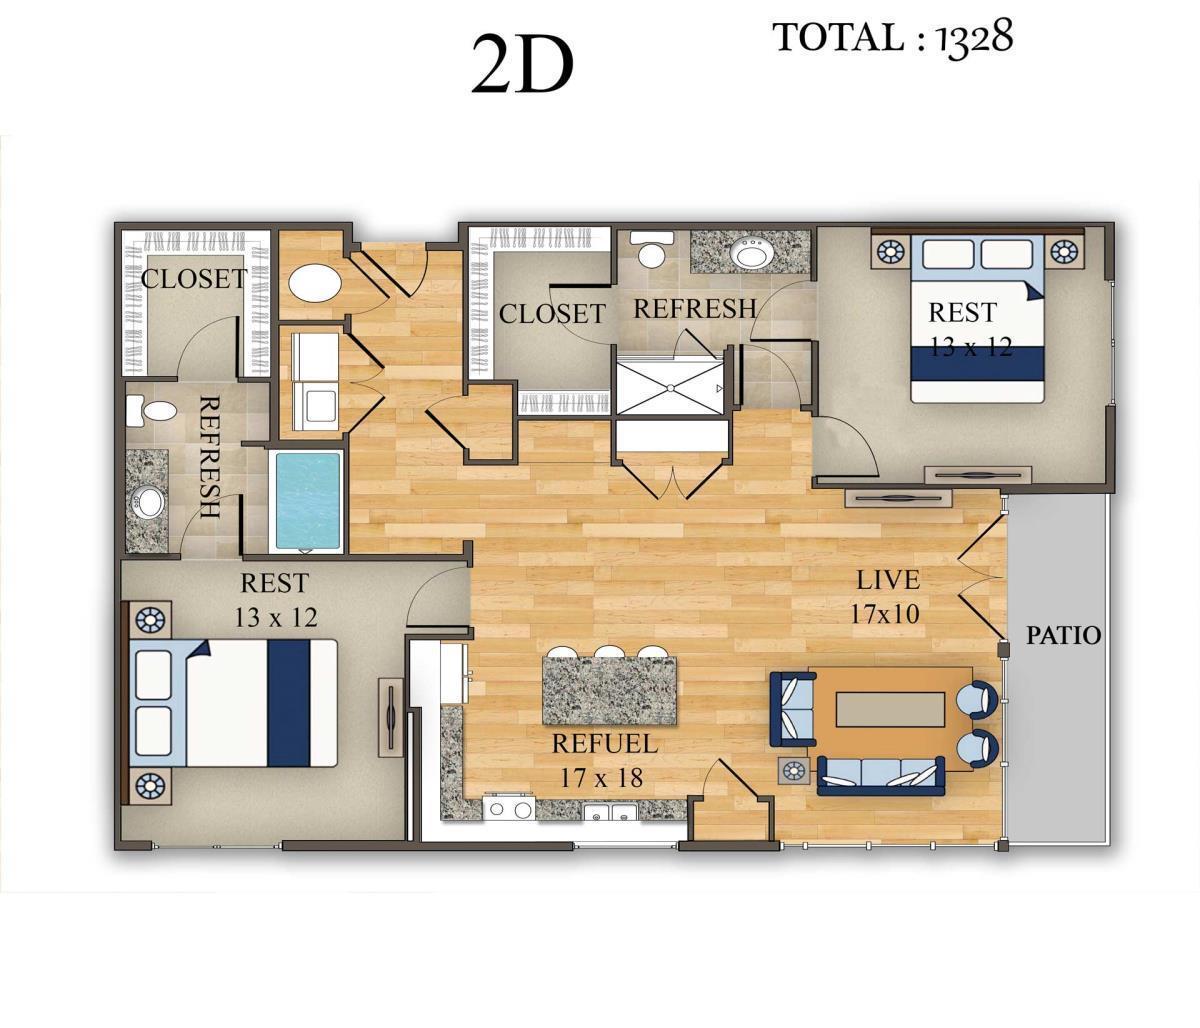 1,328 sq. ft. 2D floor plan